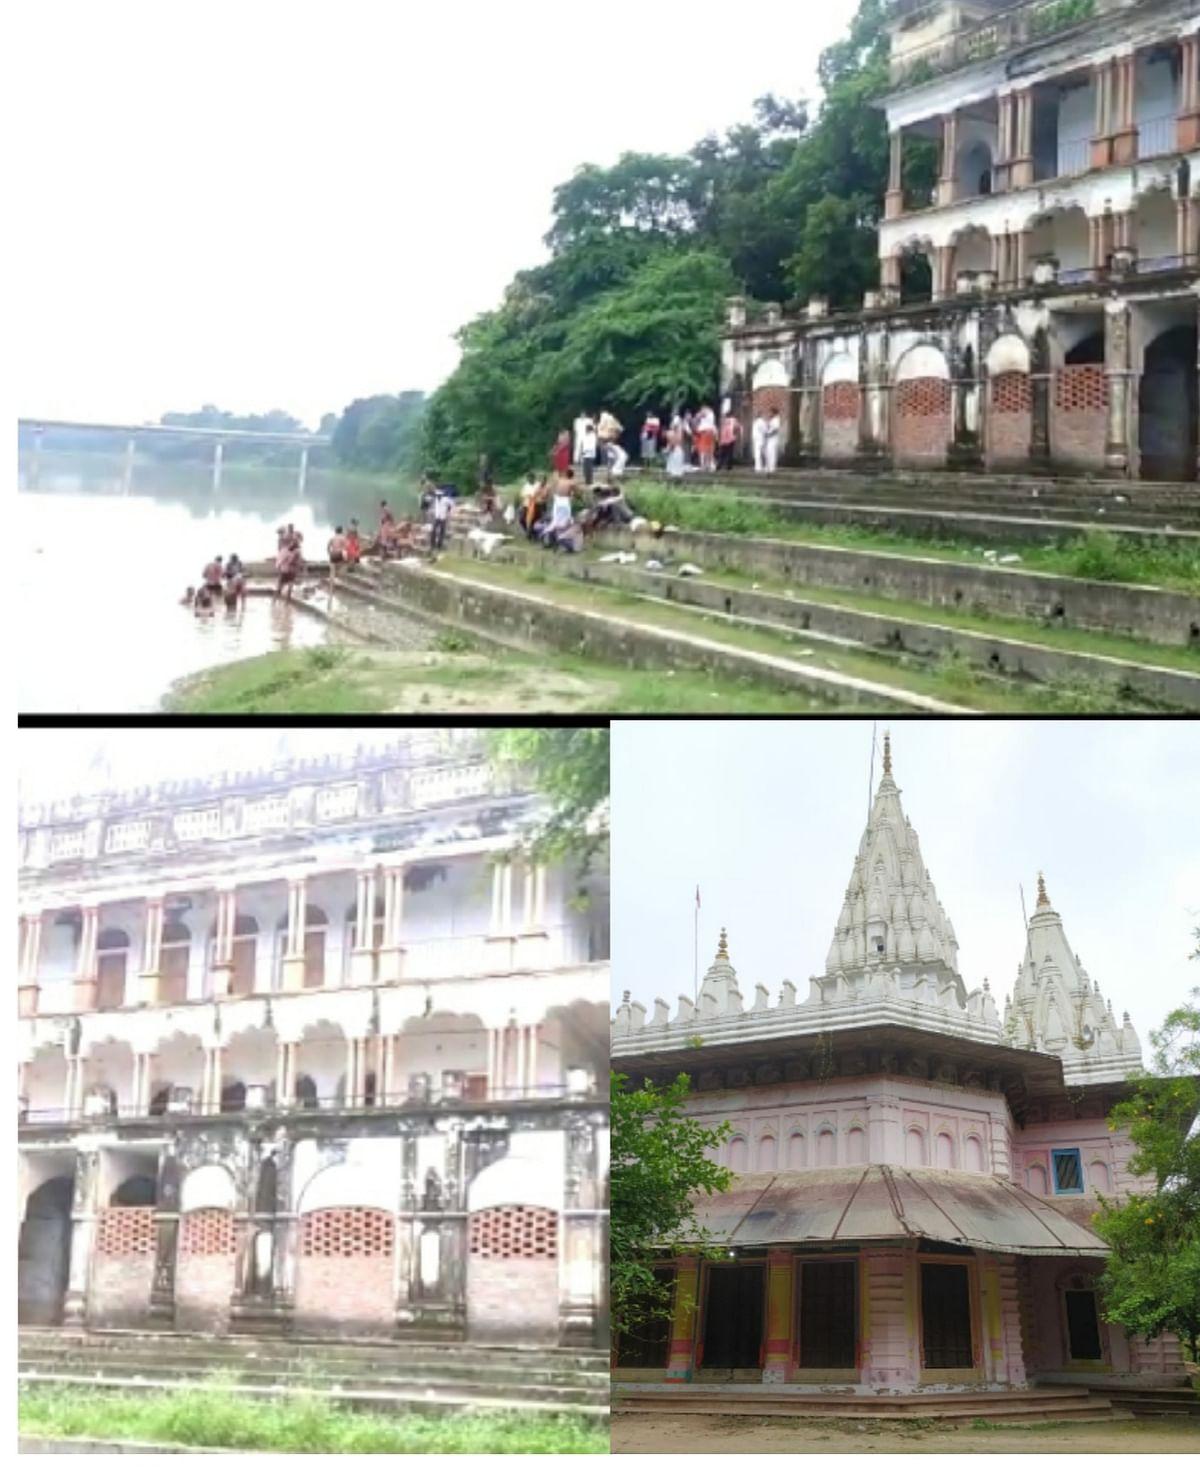 प्रभु श्रीराम ने 'धोपाप' में स्नान के बाद दियरा में जलाया था पहला 'दीया'